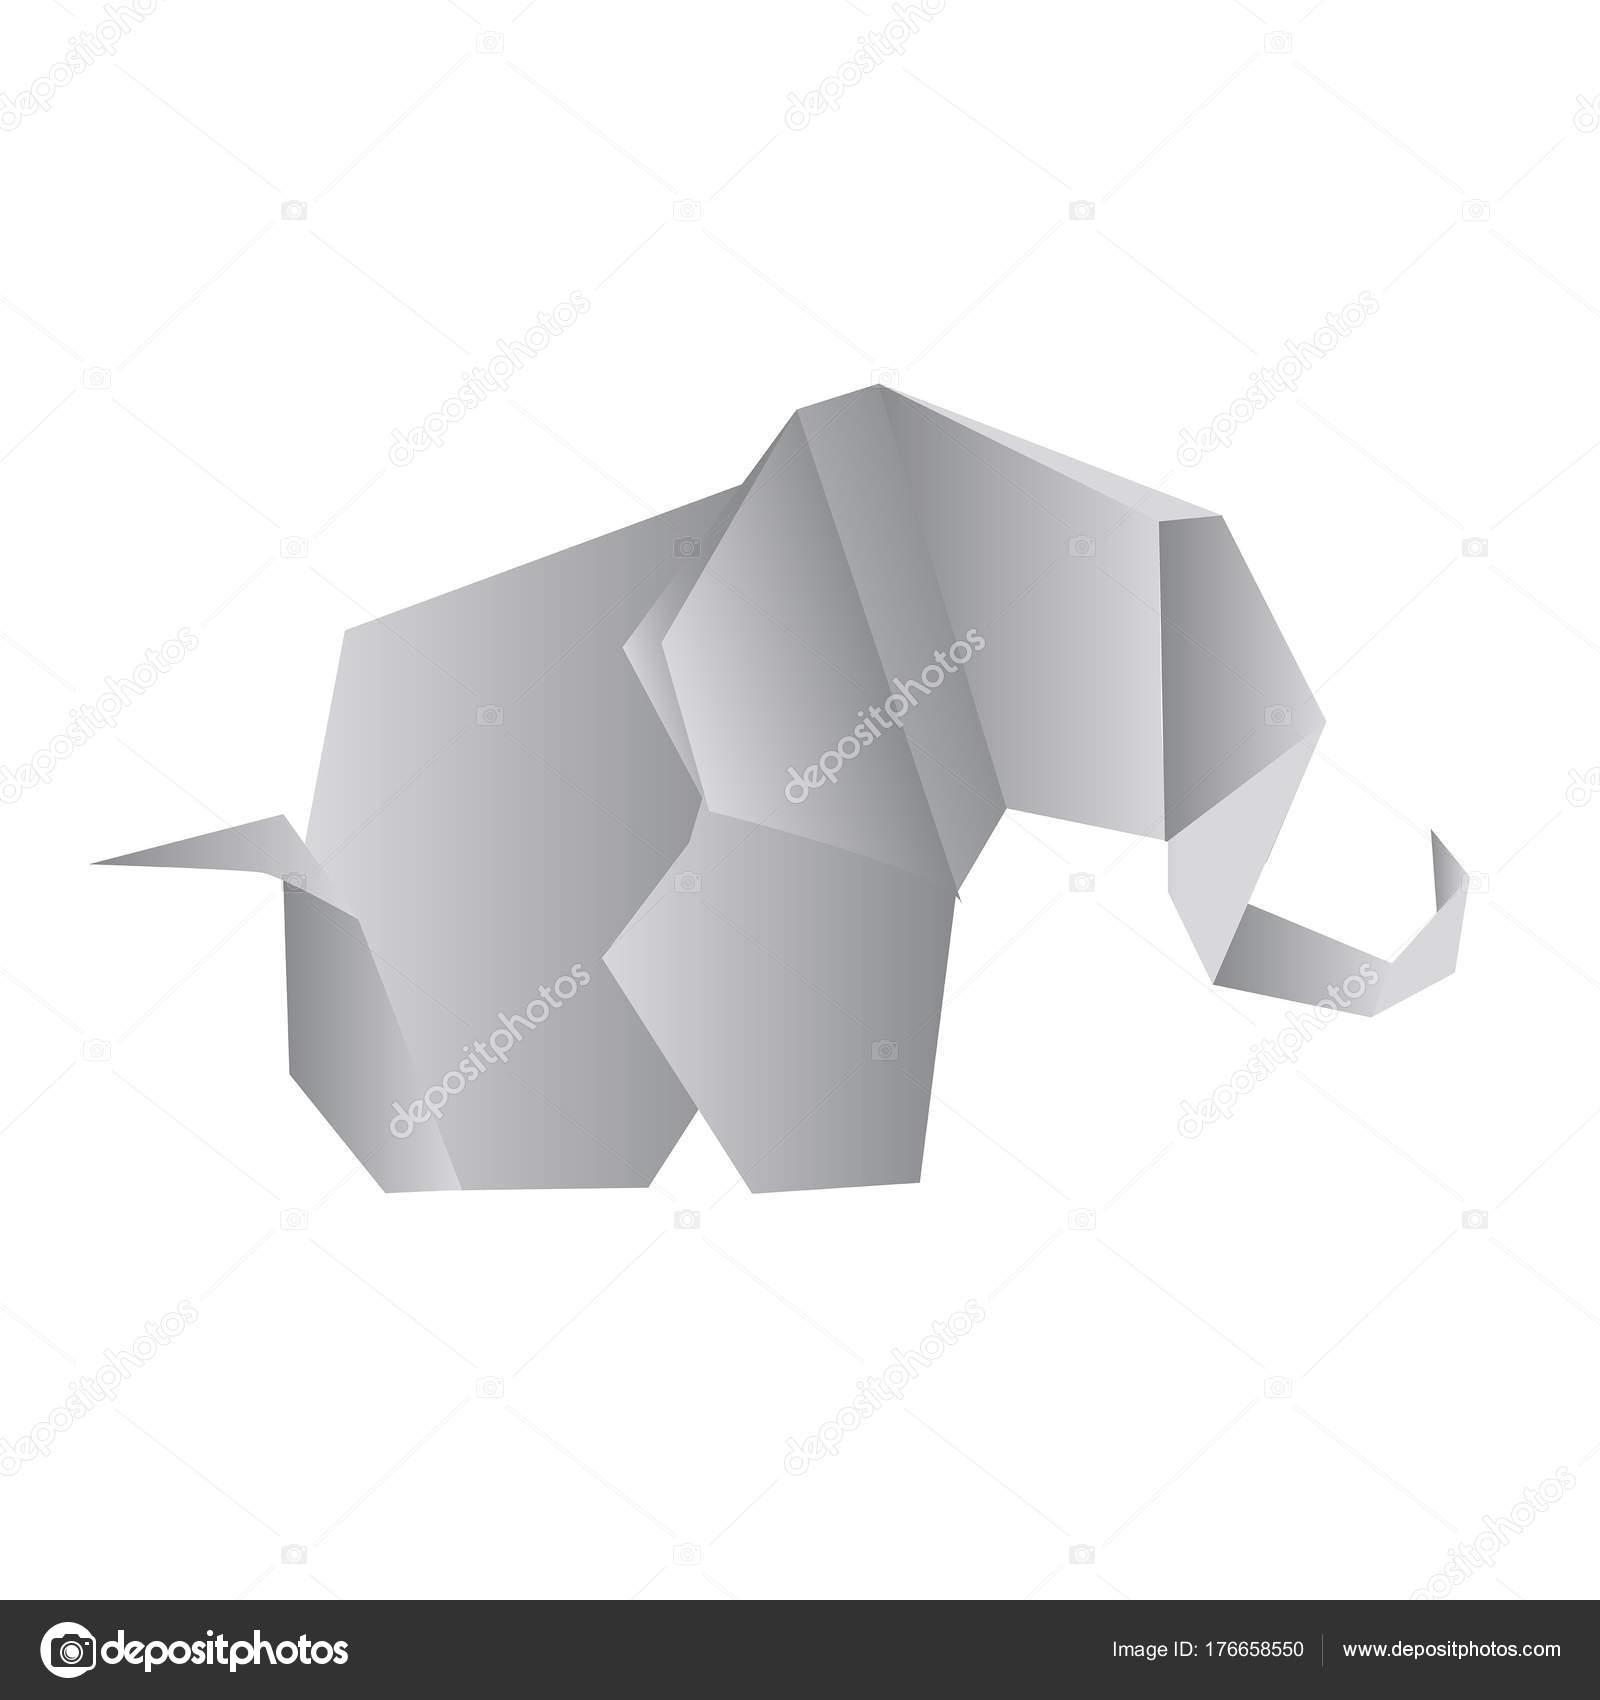 Origami elephant isolated on white photo realistic vector illust origami elephant isolated on white photo realistic vector illust stock vector jeuxipadfo Choice Image